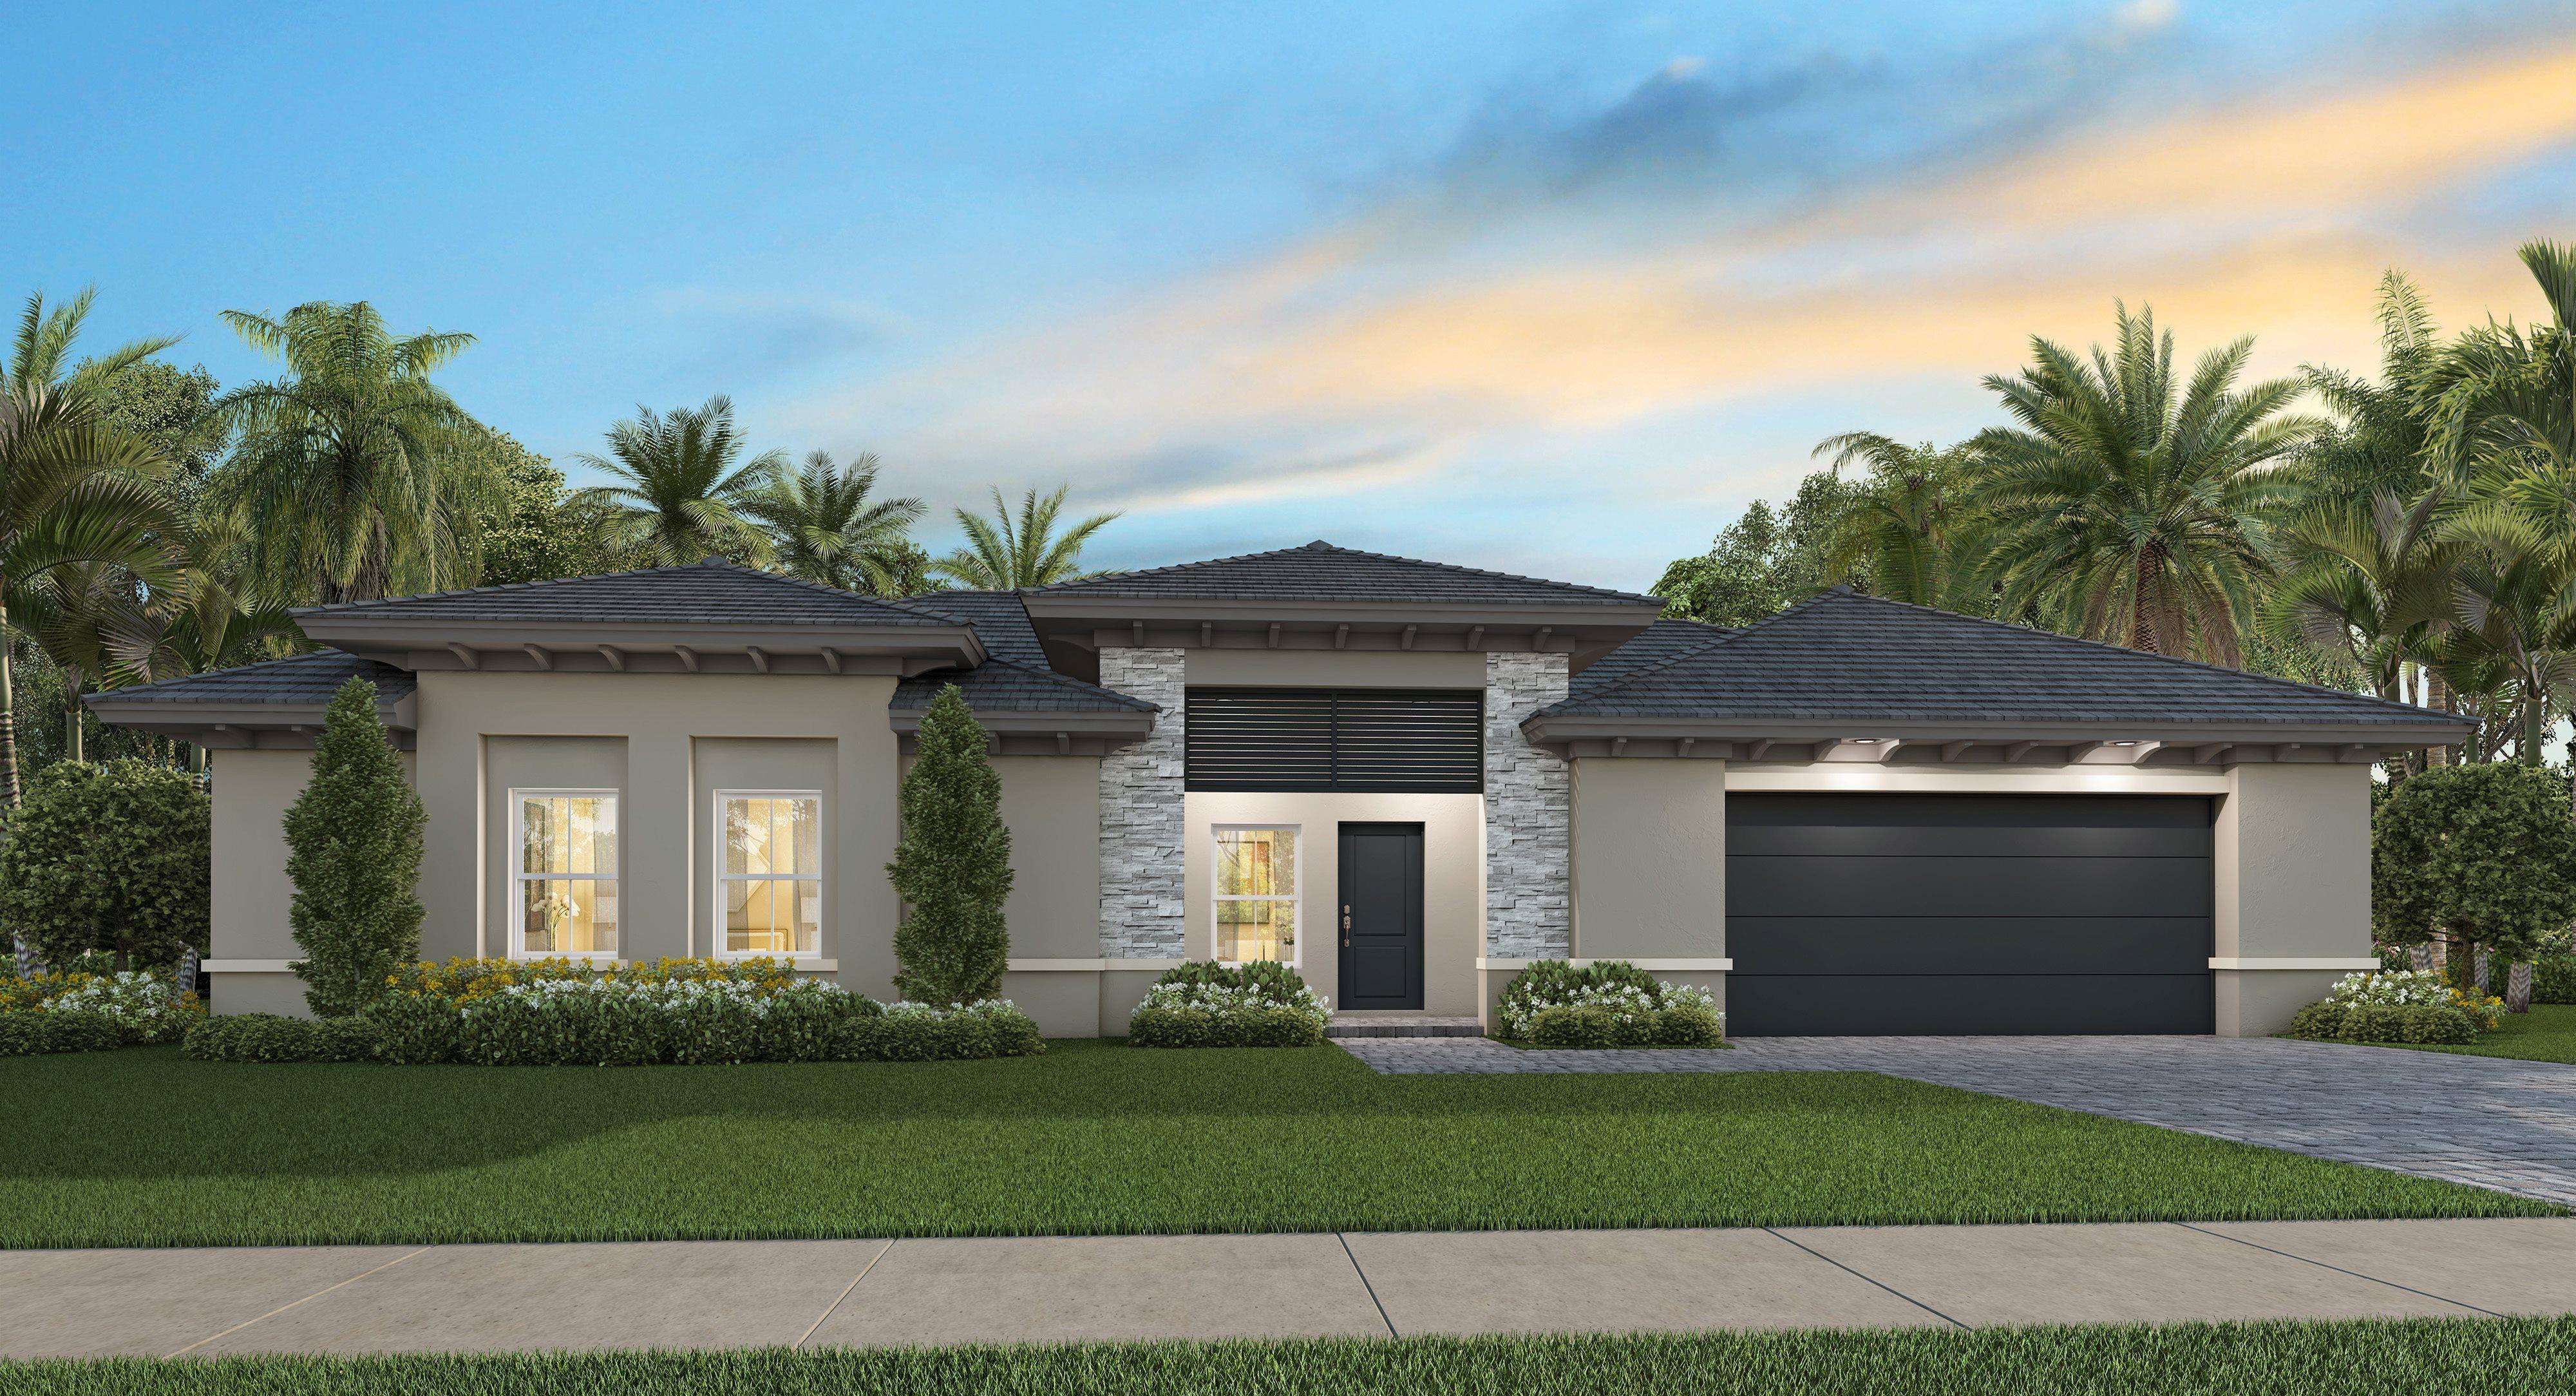 'Verdana Landings - Serra Collection' by Lennar - SE Florida in Miami-Dade County